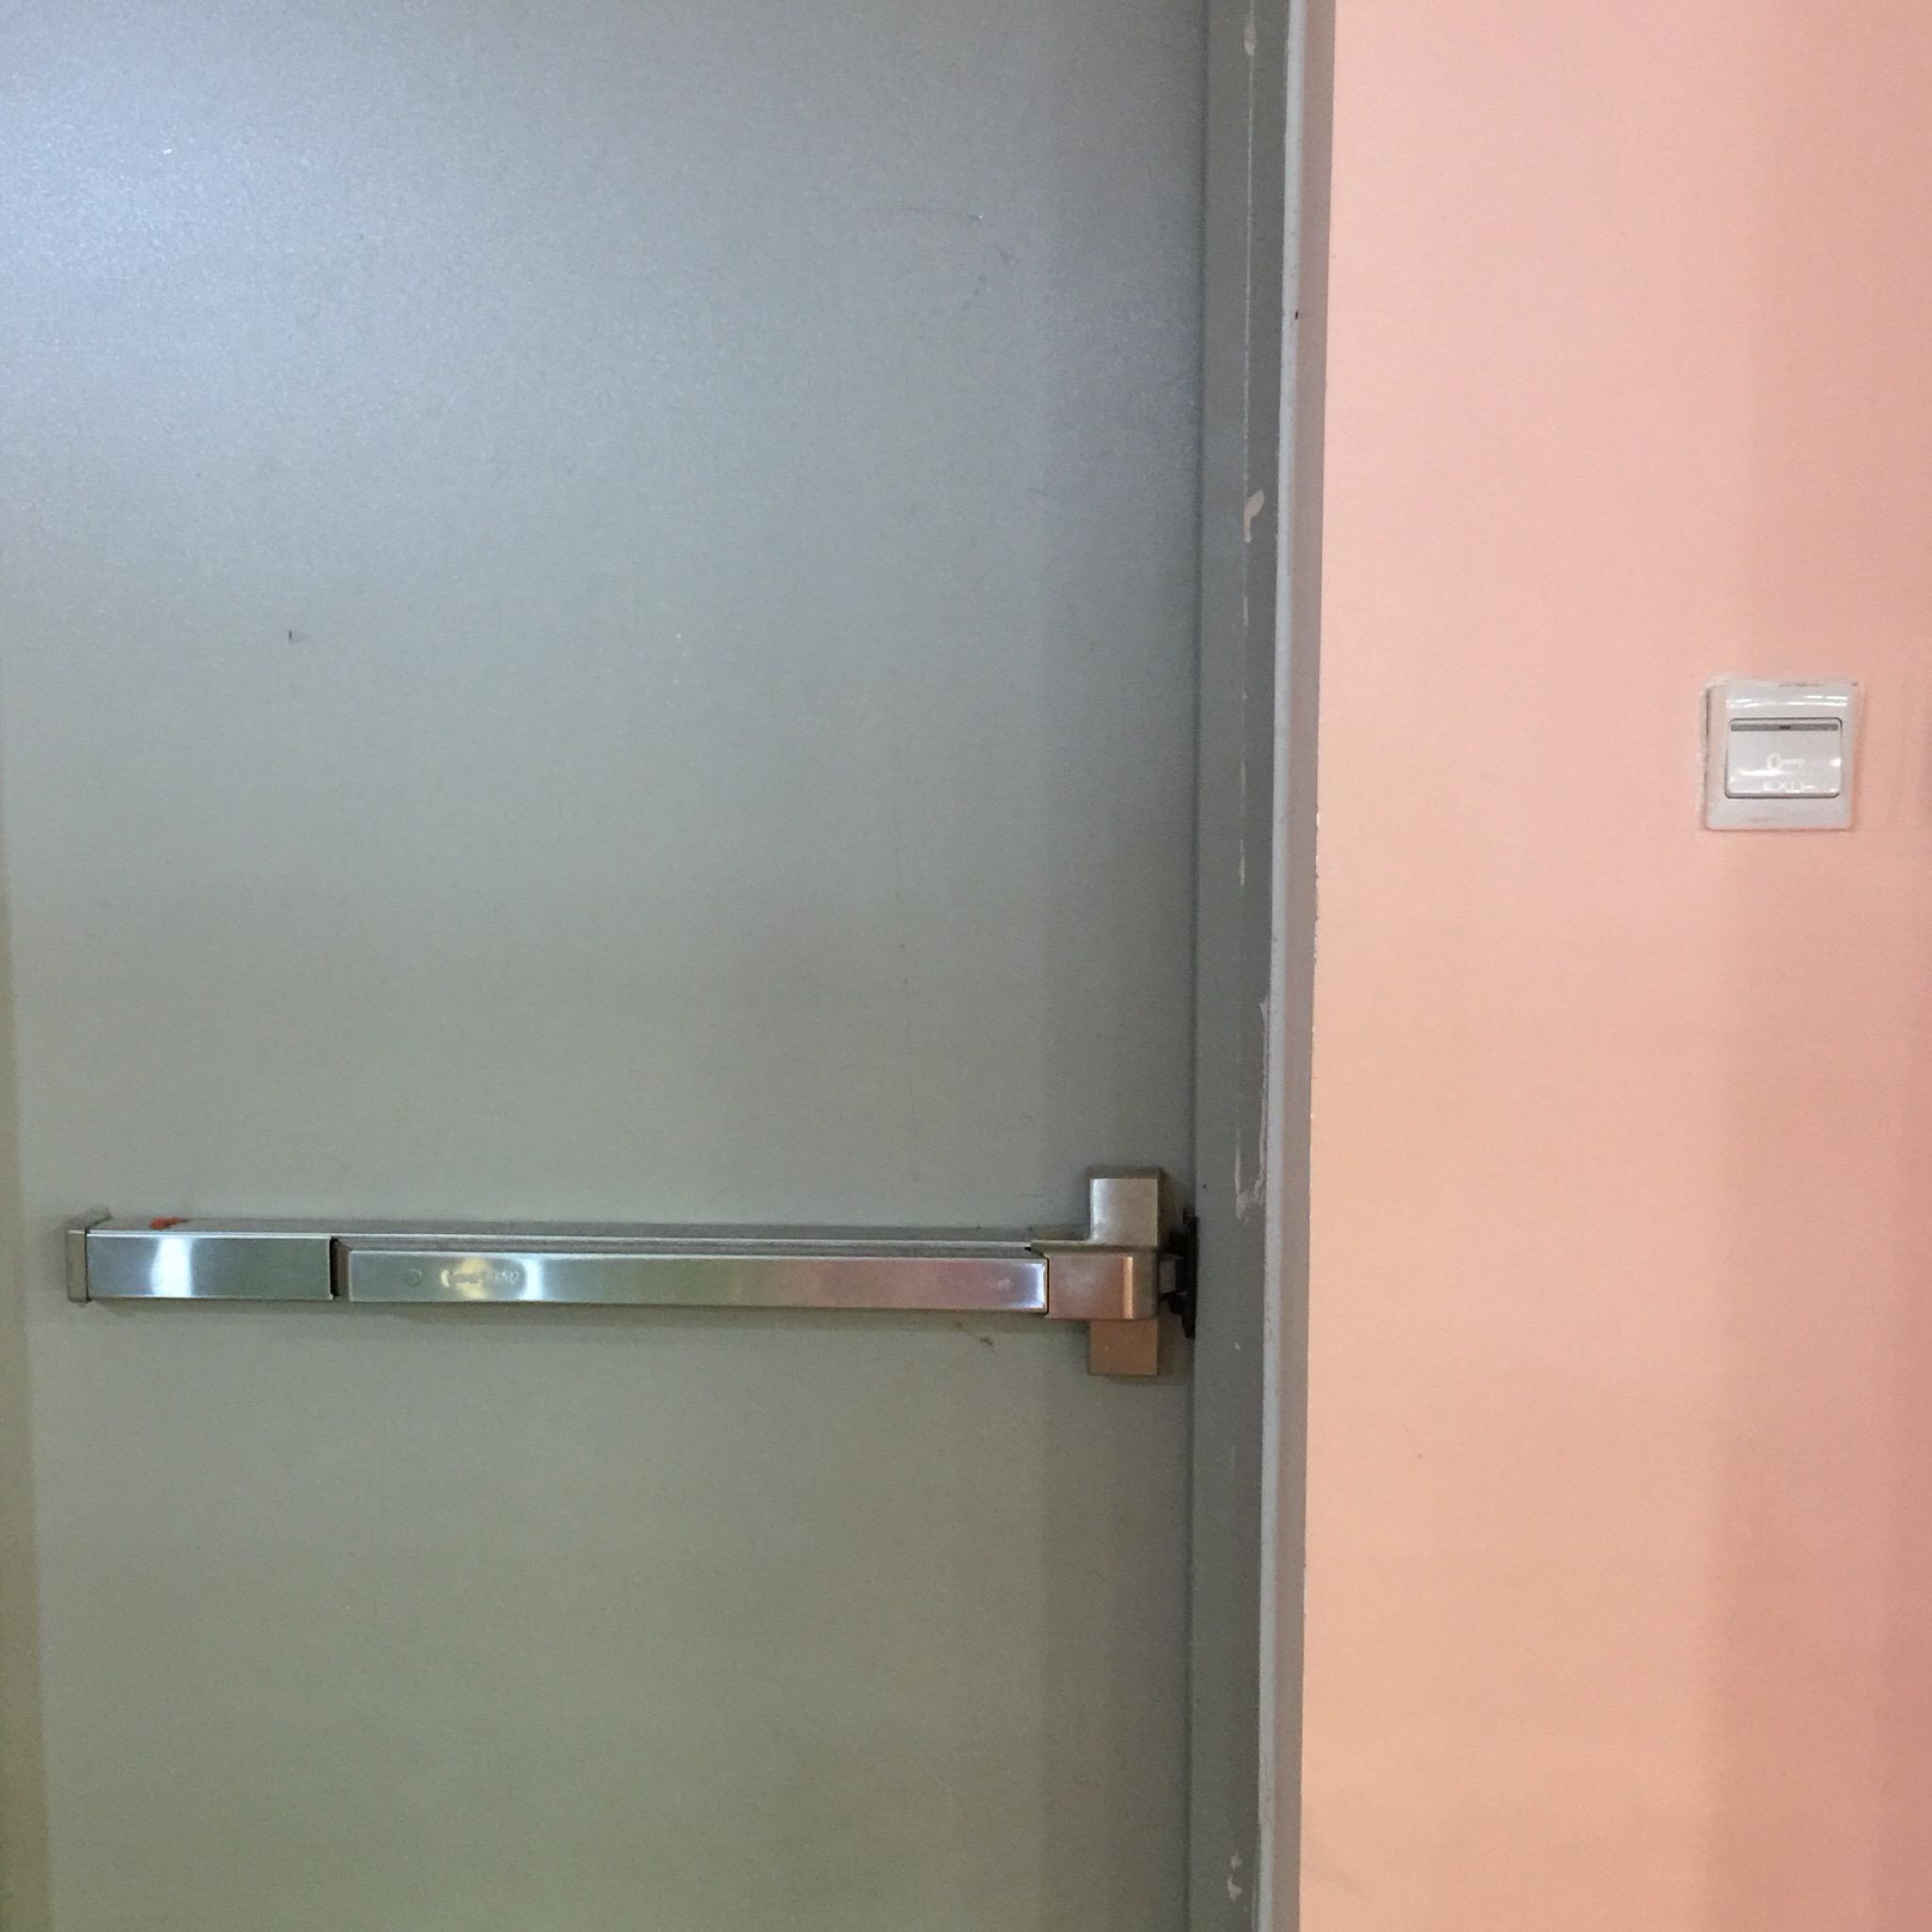 Thanh thoát hiểm Hafele và bộ giữ cửa điện từ hoạt động theo cơ chế nào?